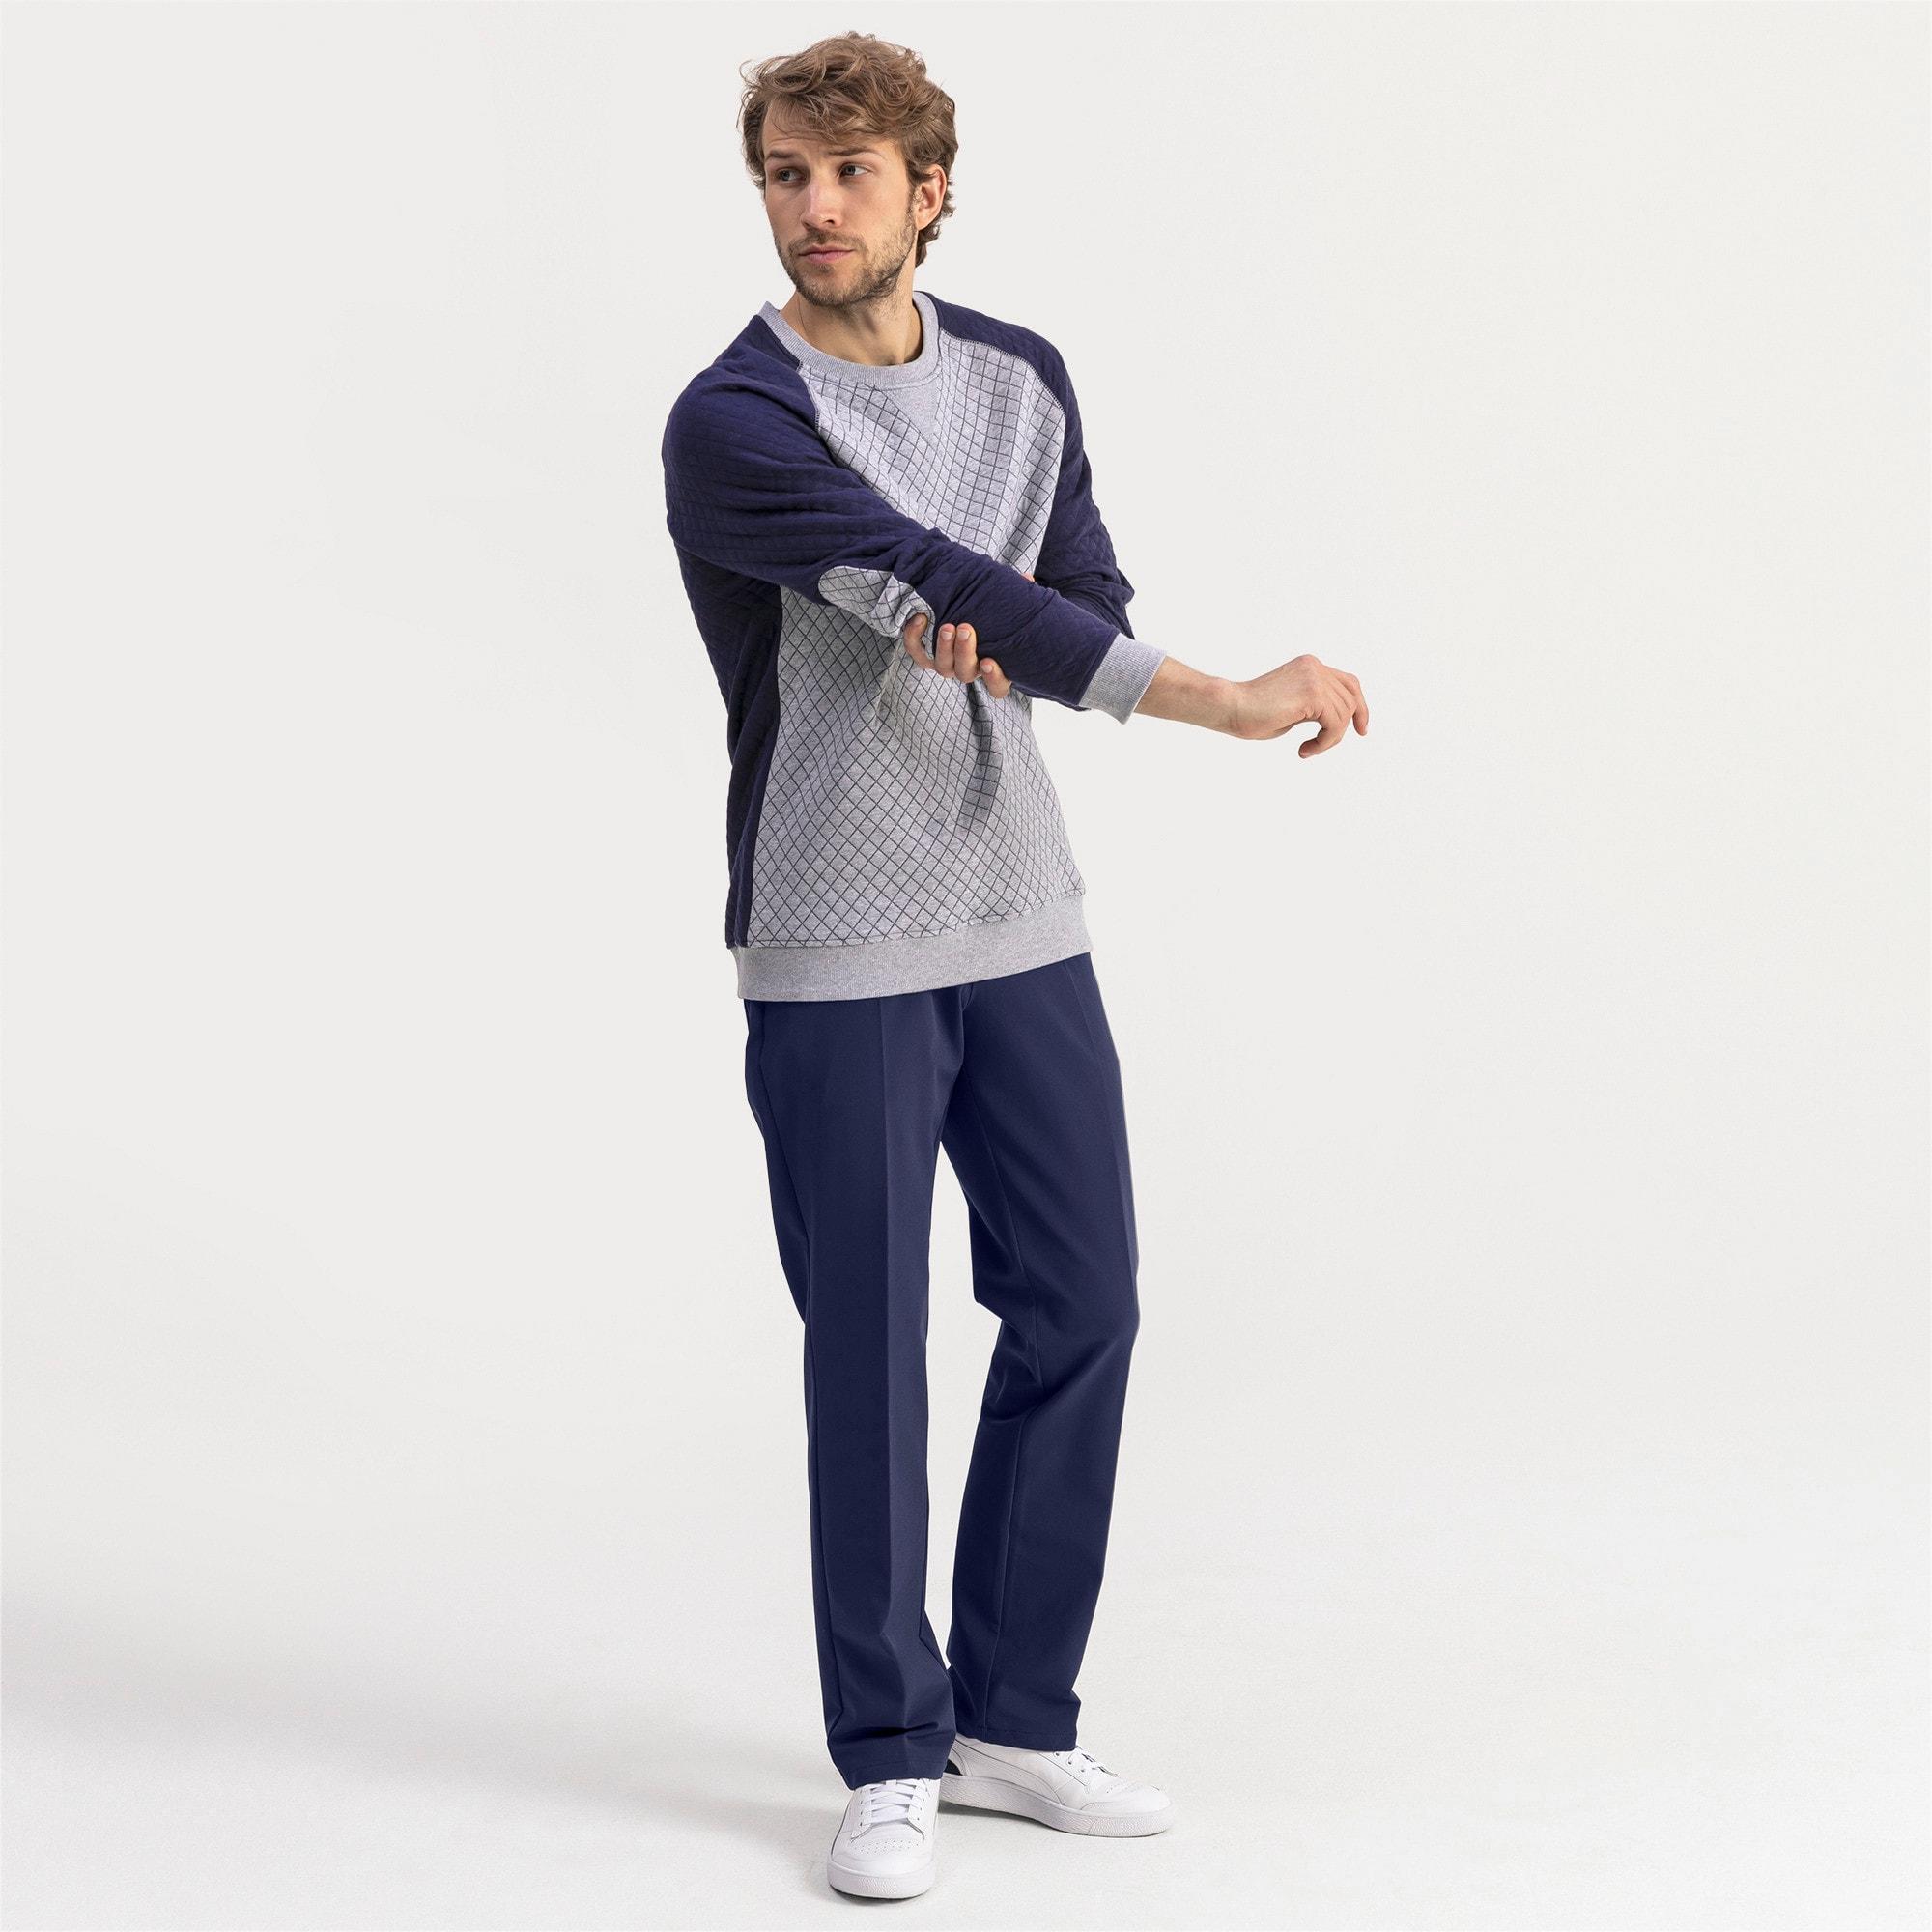 Thumbnail 3 of Doorgestikte golfsweater voor heren, Quarry Heather, medium